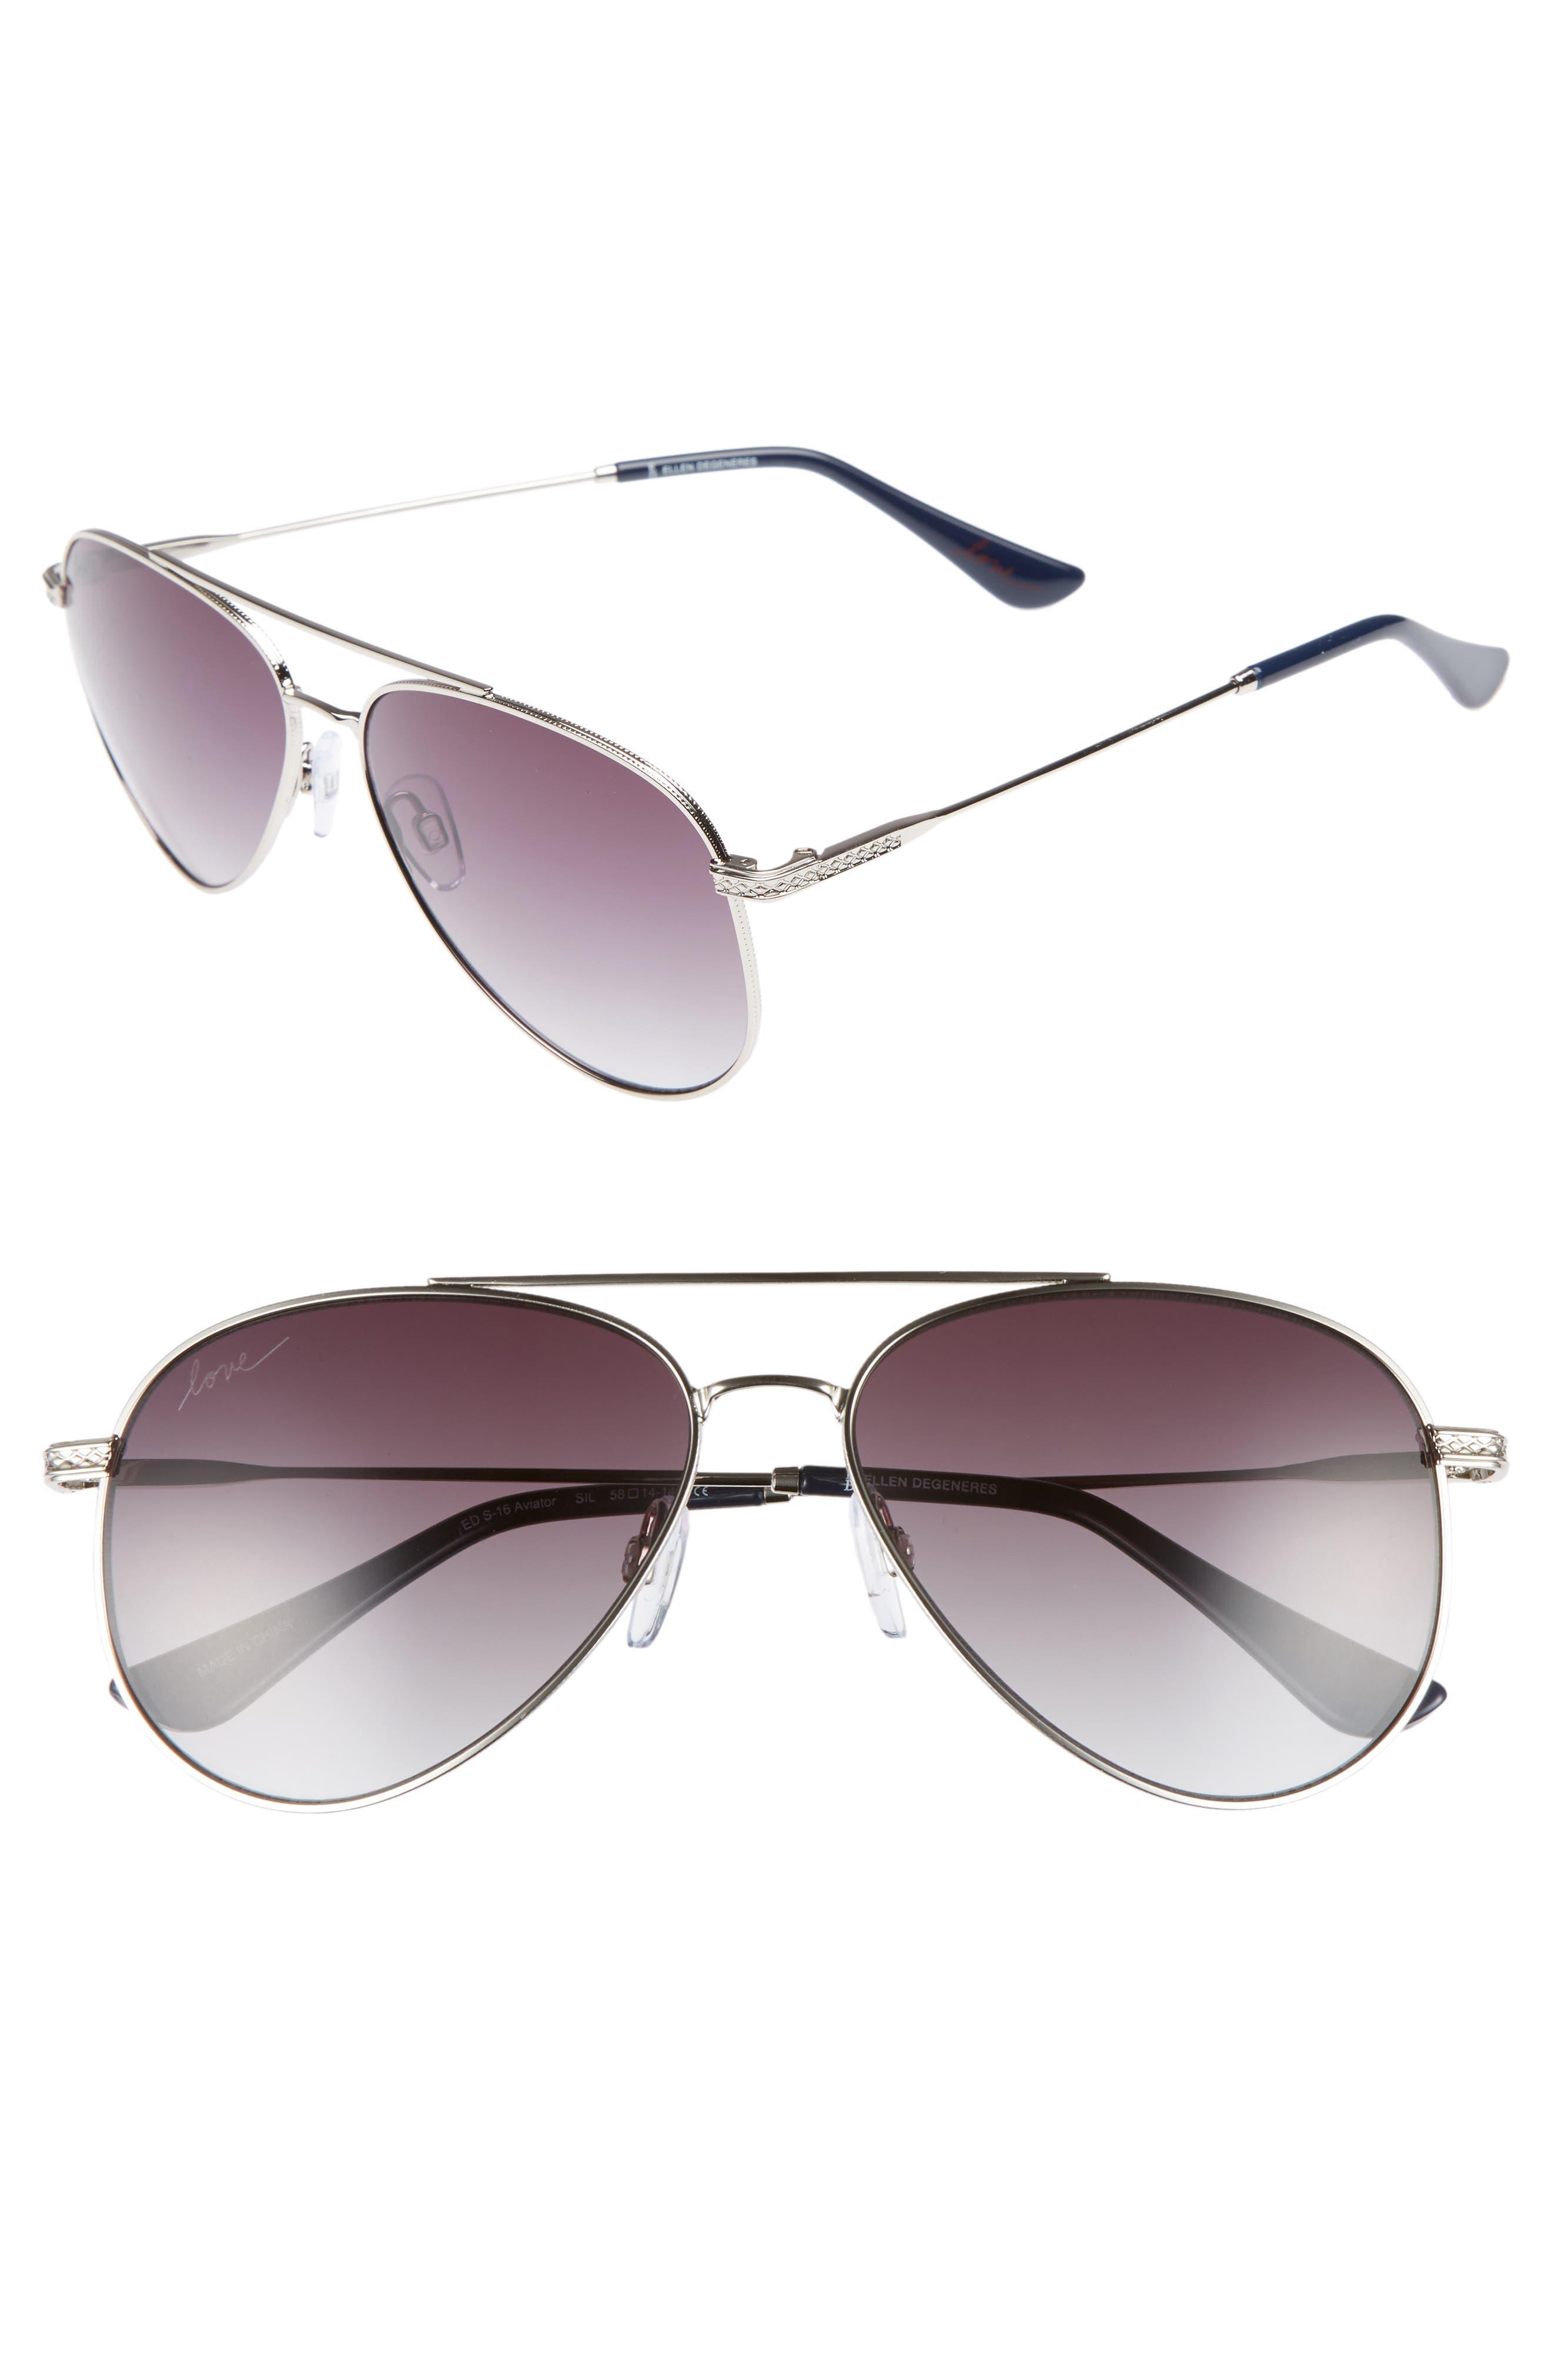 58mm Aviator Sunglasses,                         Main,                         color, Matte Silver